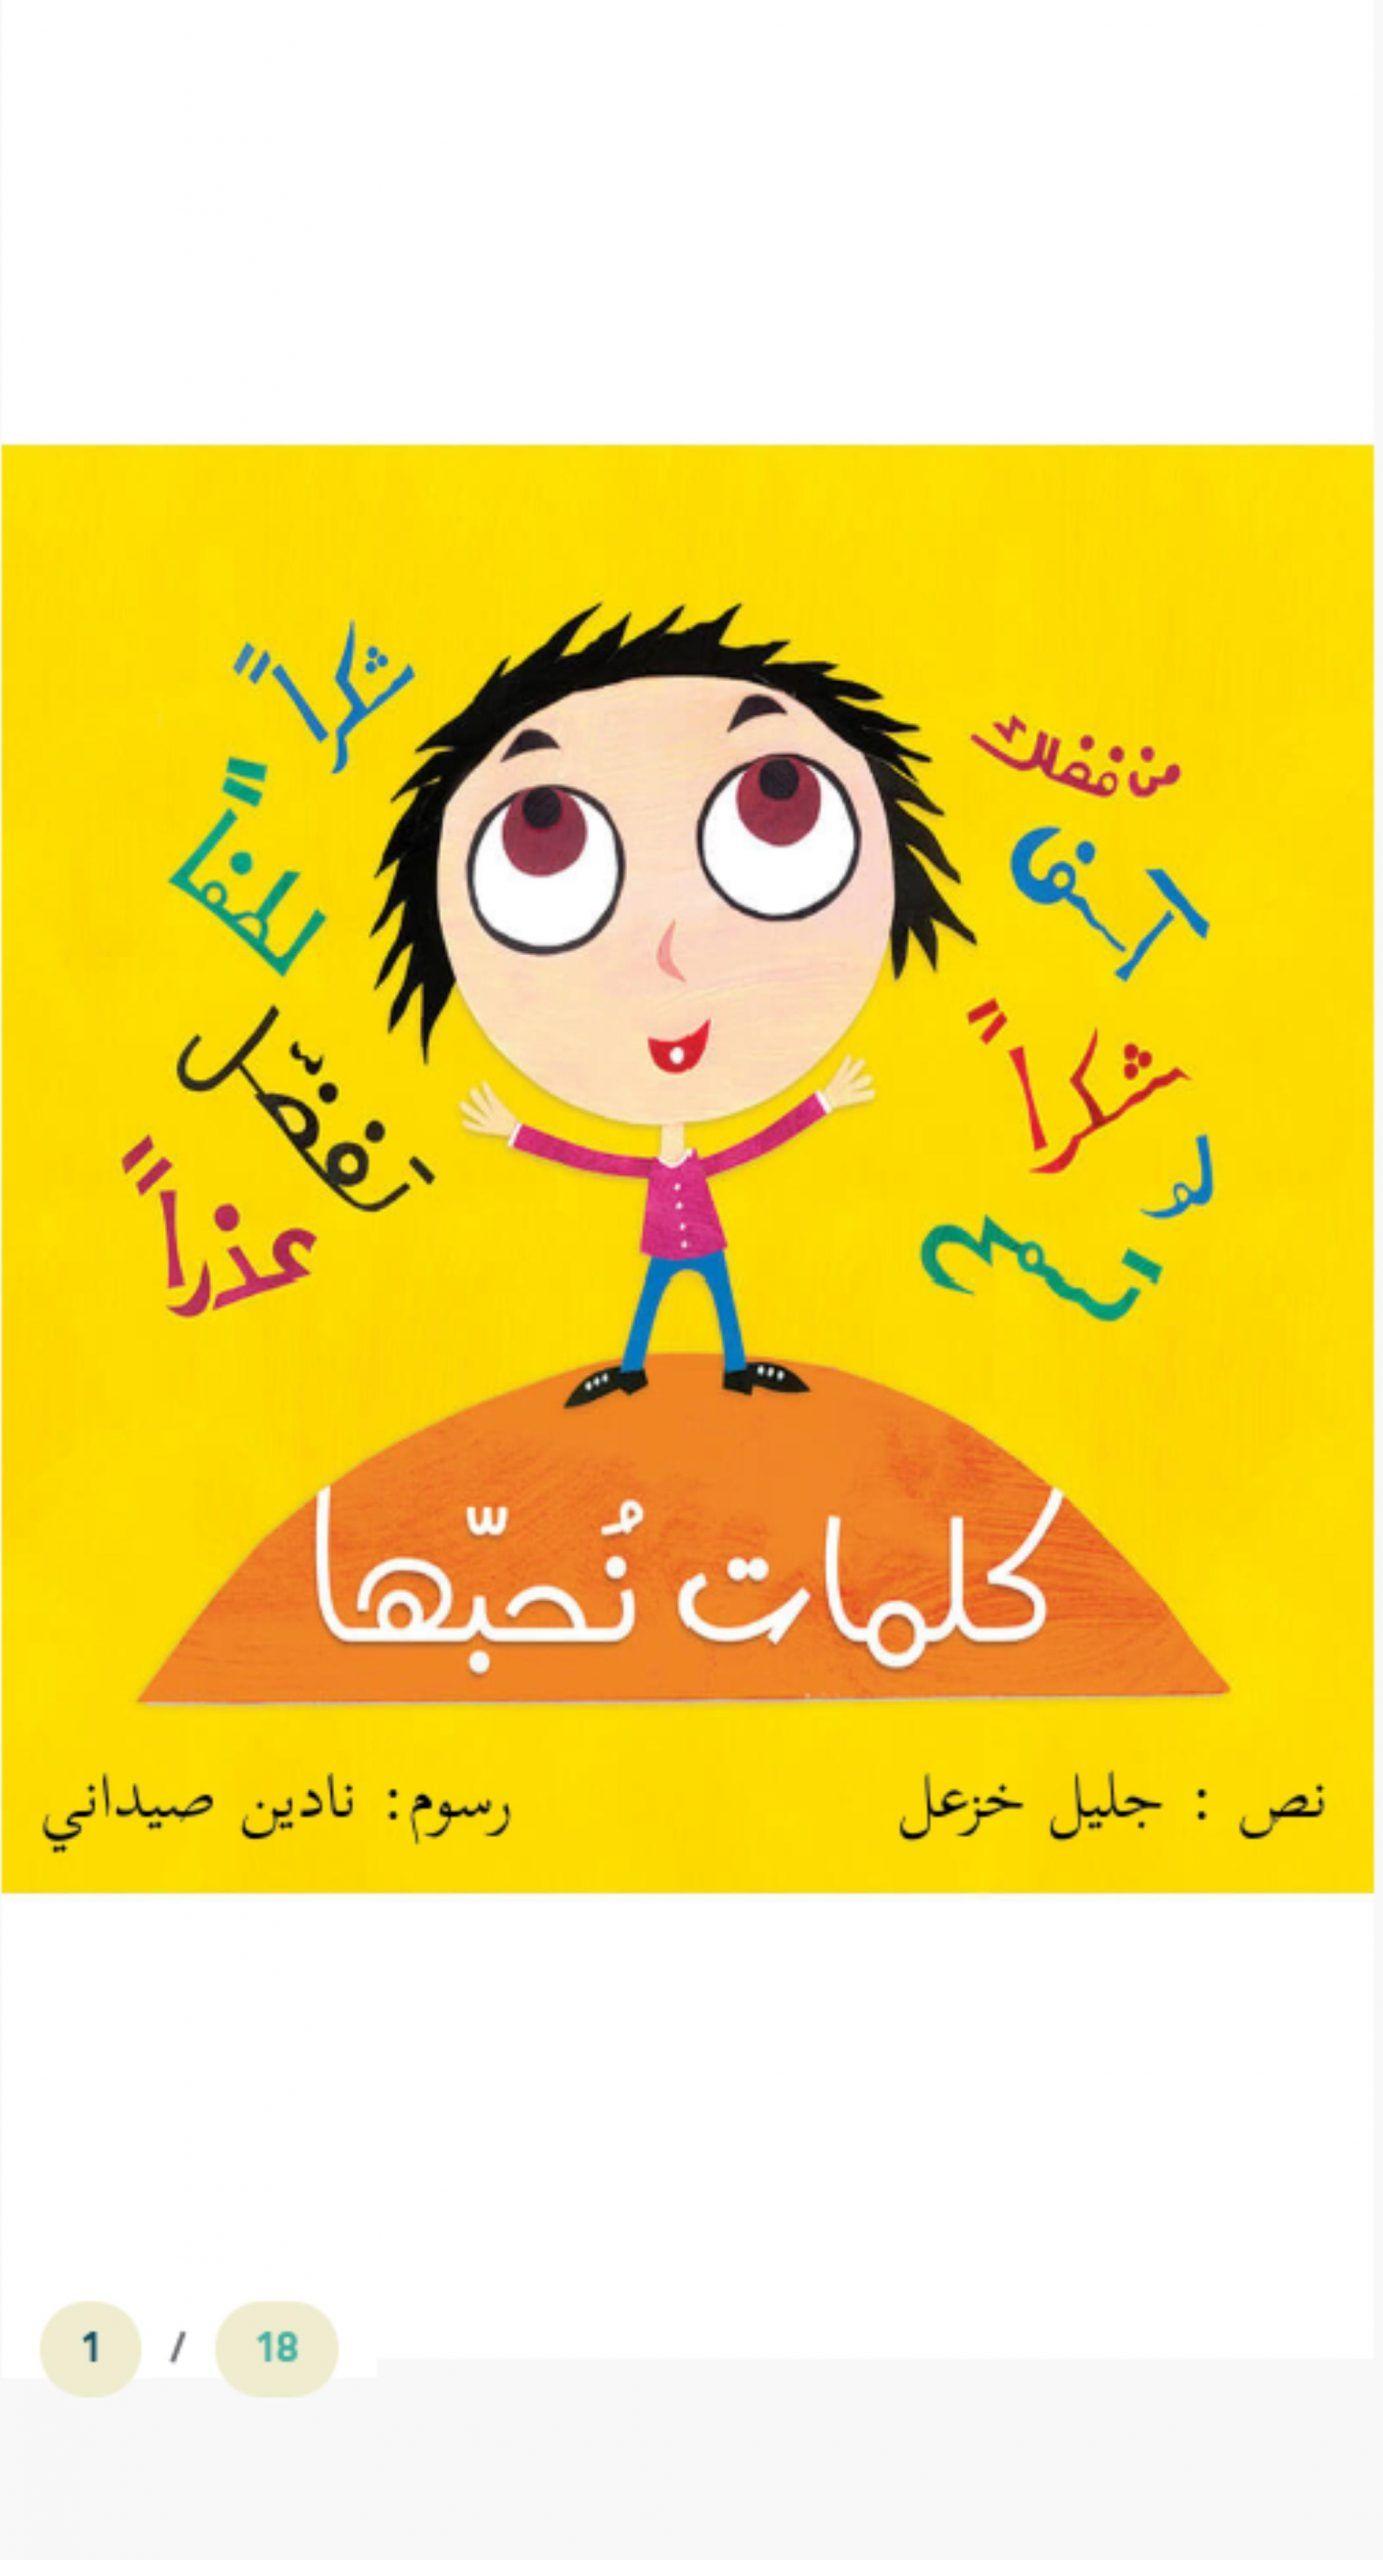 قصة كلمات نحبها لتعليم الاطفال كيفية اداب التعامل مع الاخرين Arabic Worksheets Printable Paper Fictional Characters